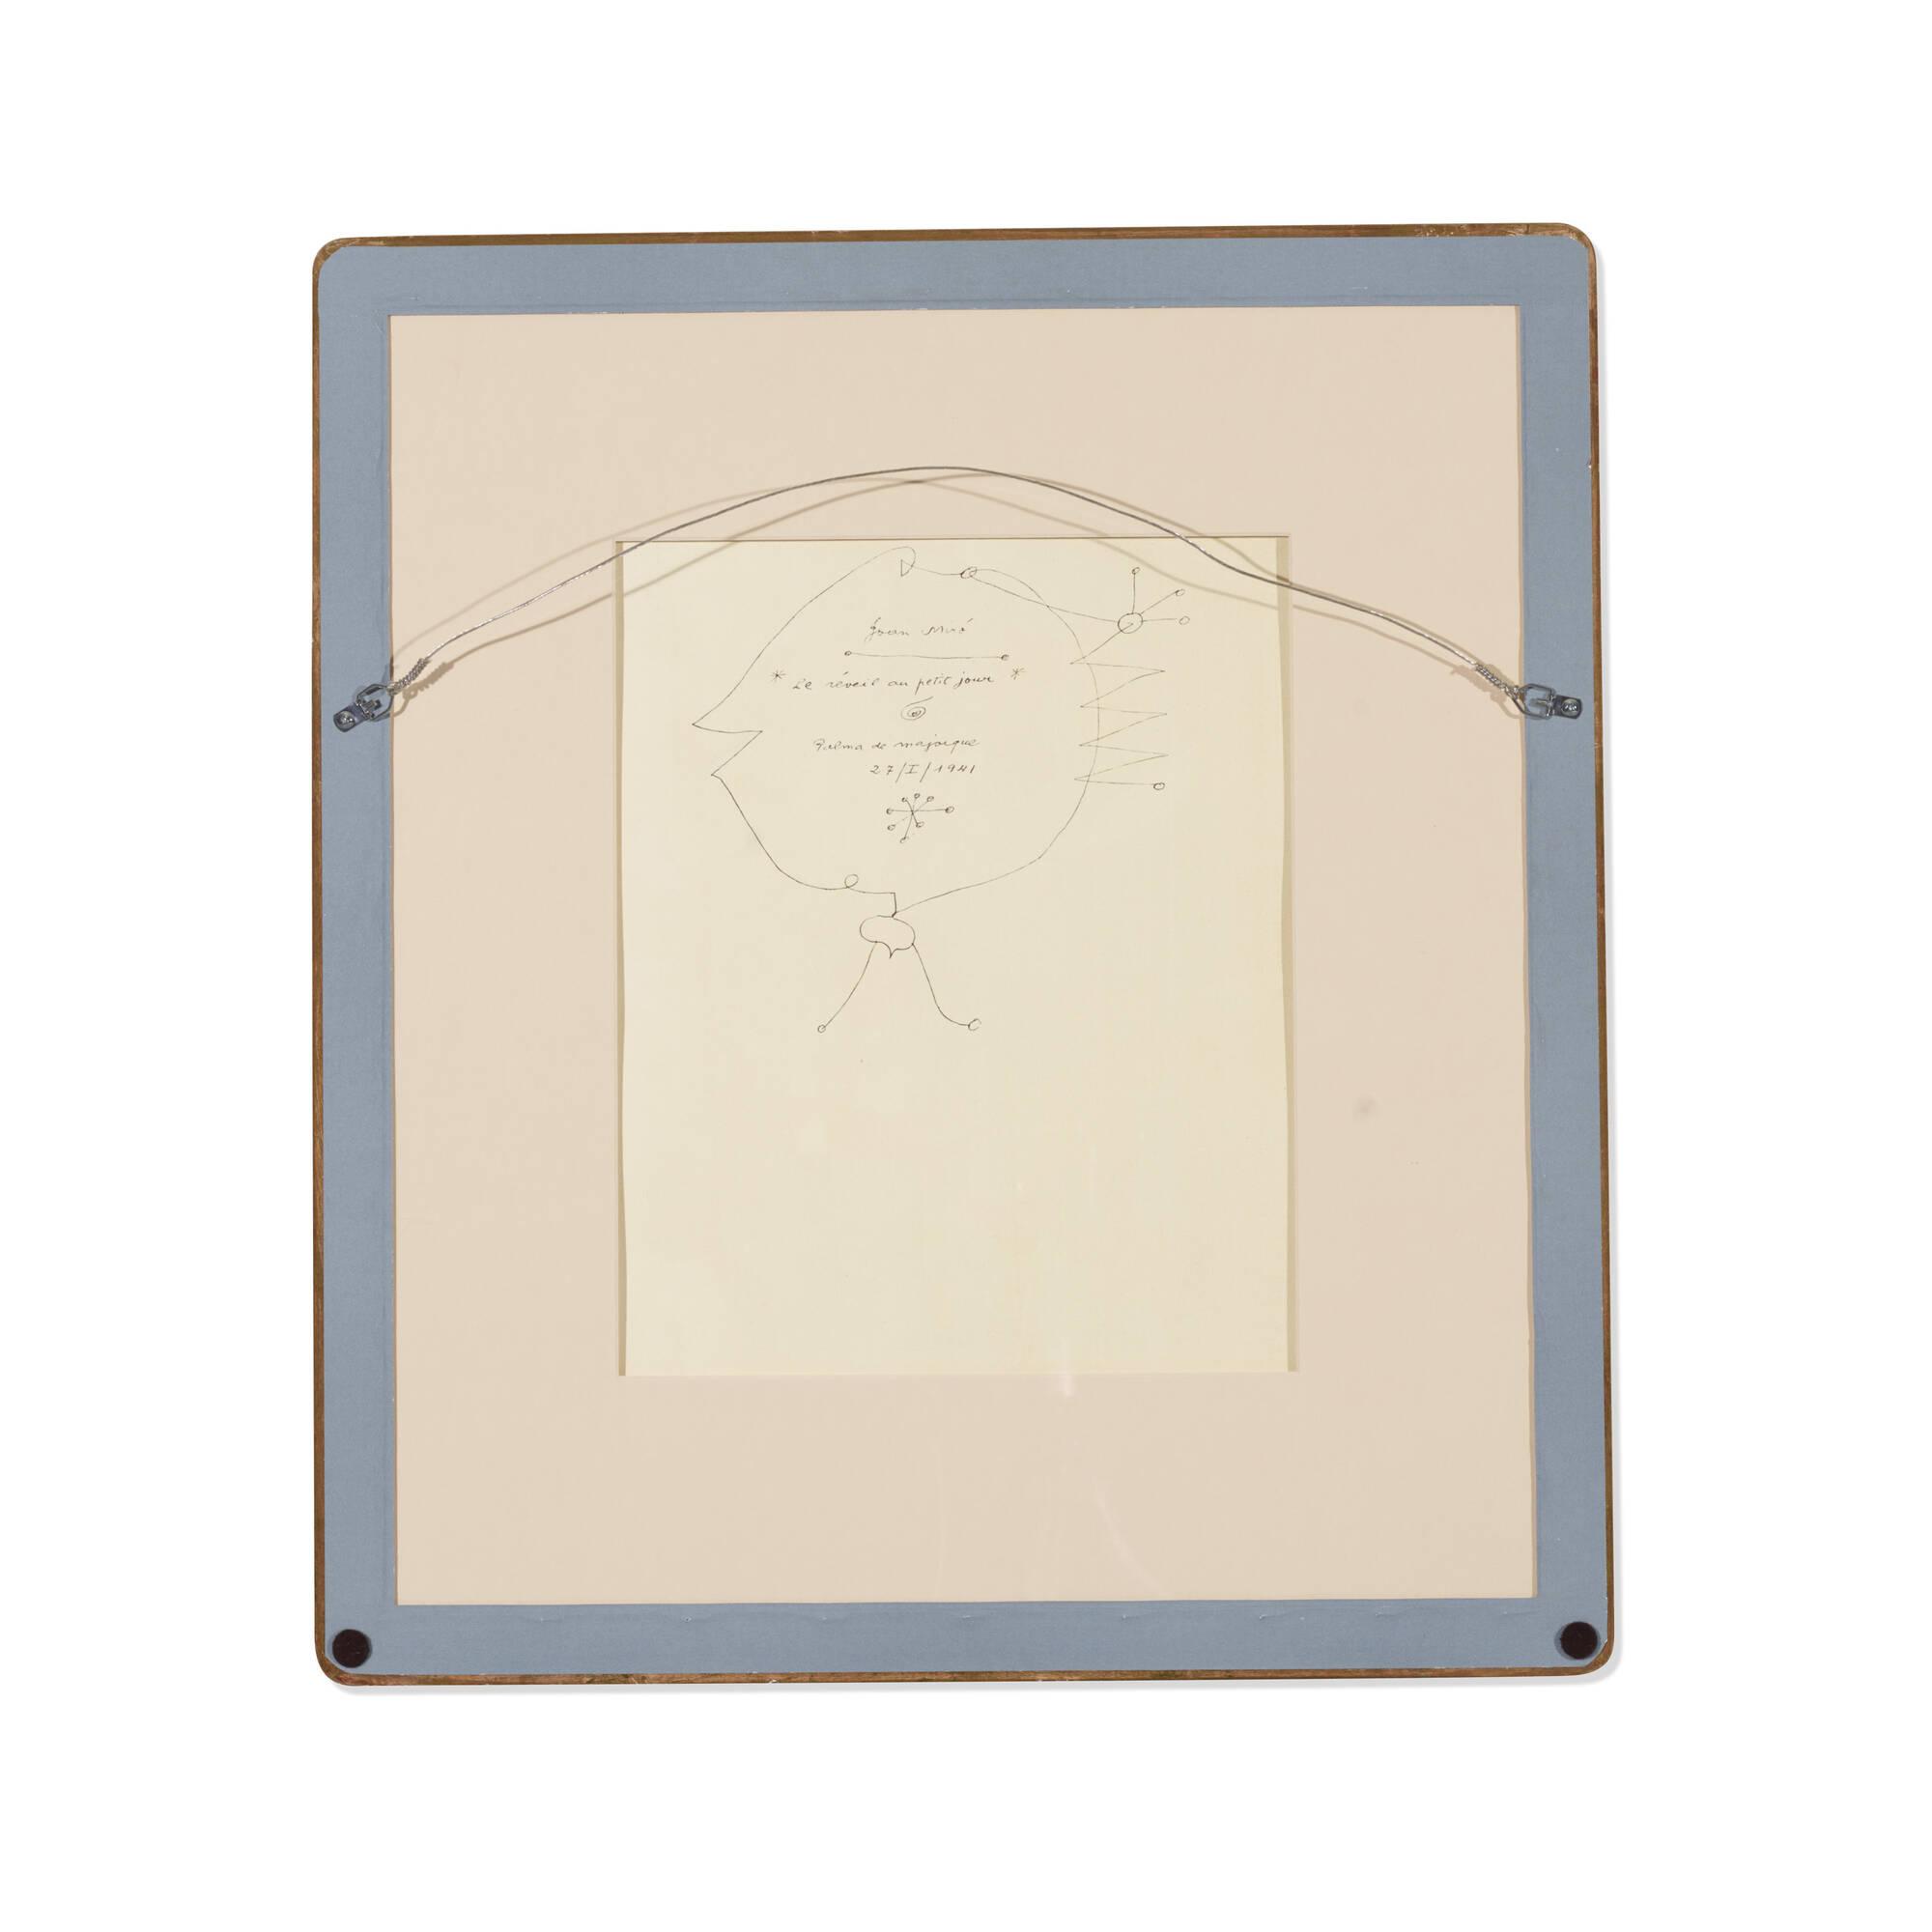 192: Joan Miró / Le Reveil au petit jour (Plate XIV from the Constellations portfolio) (2 of 2)